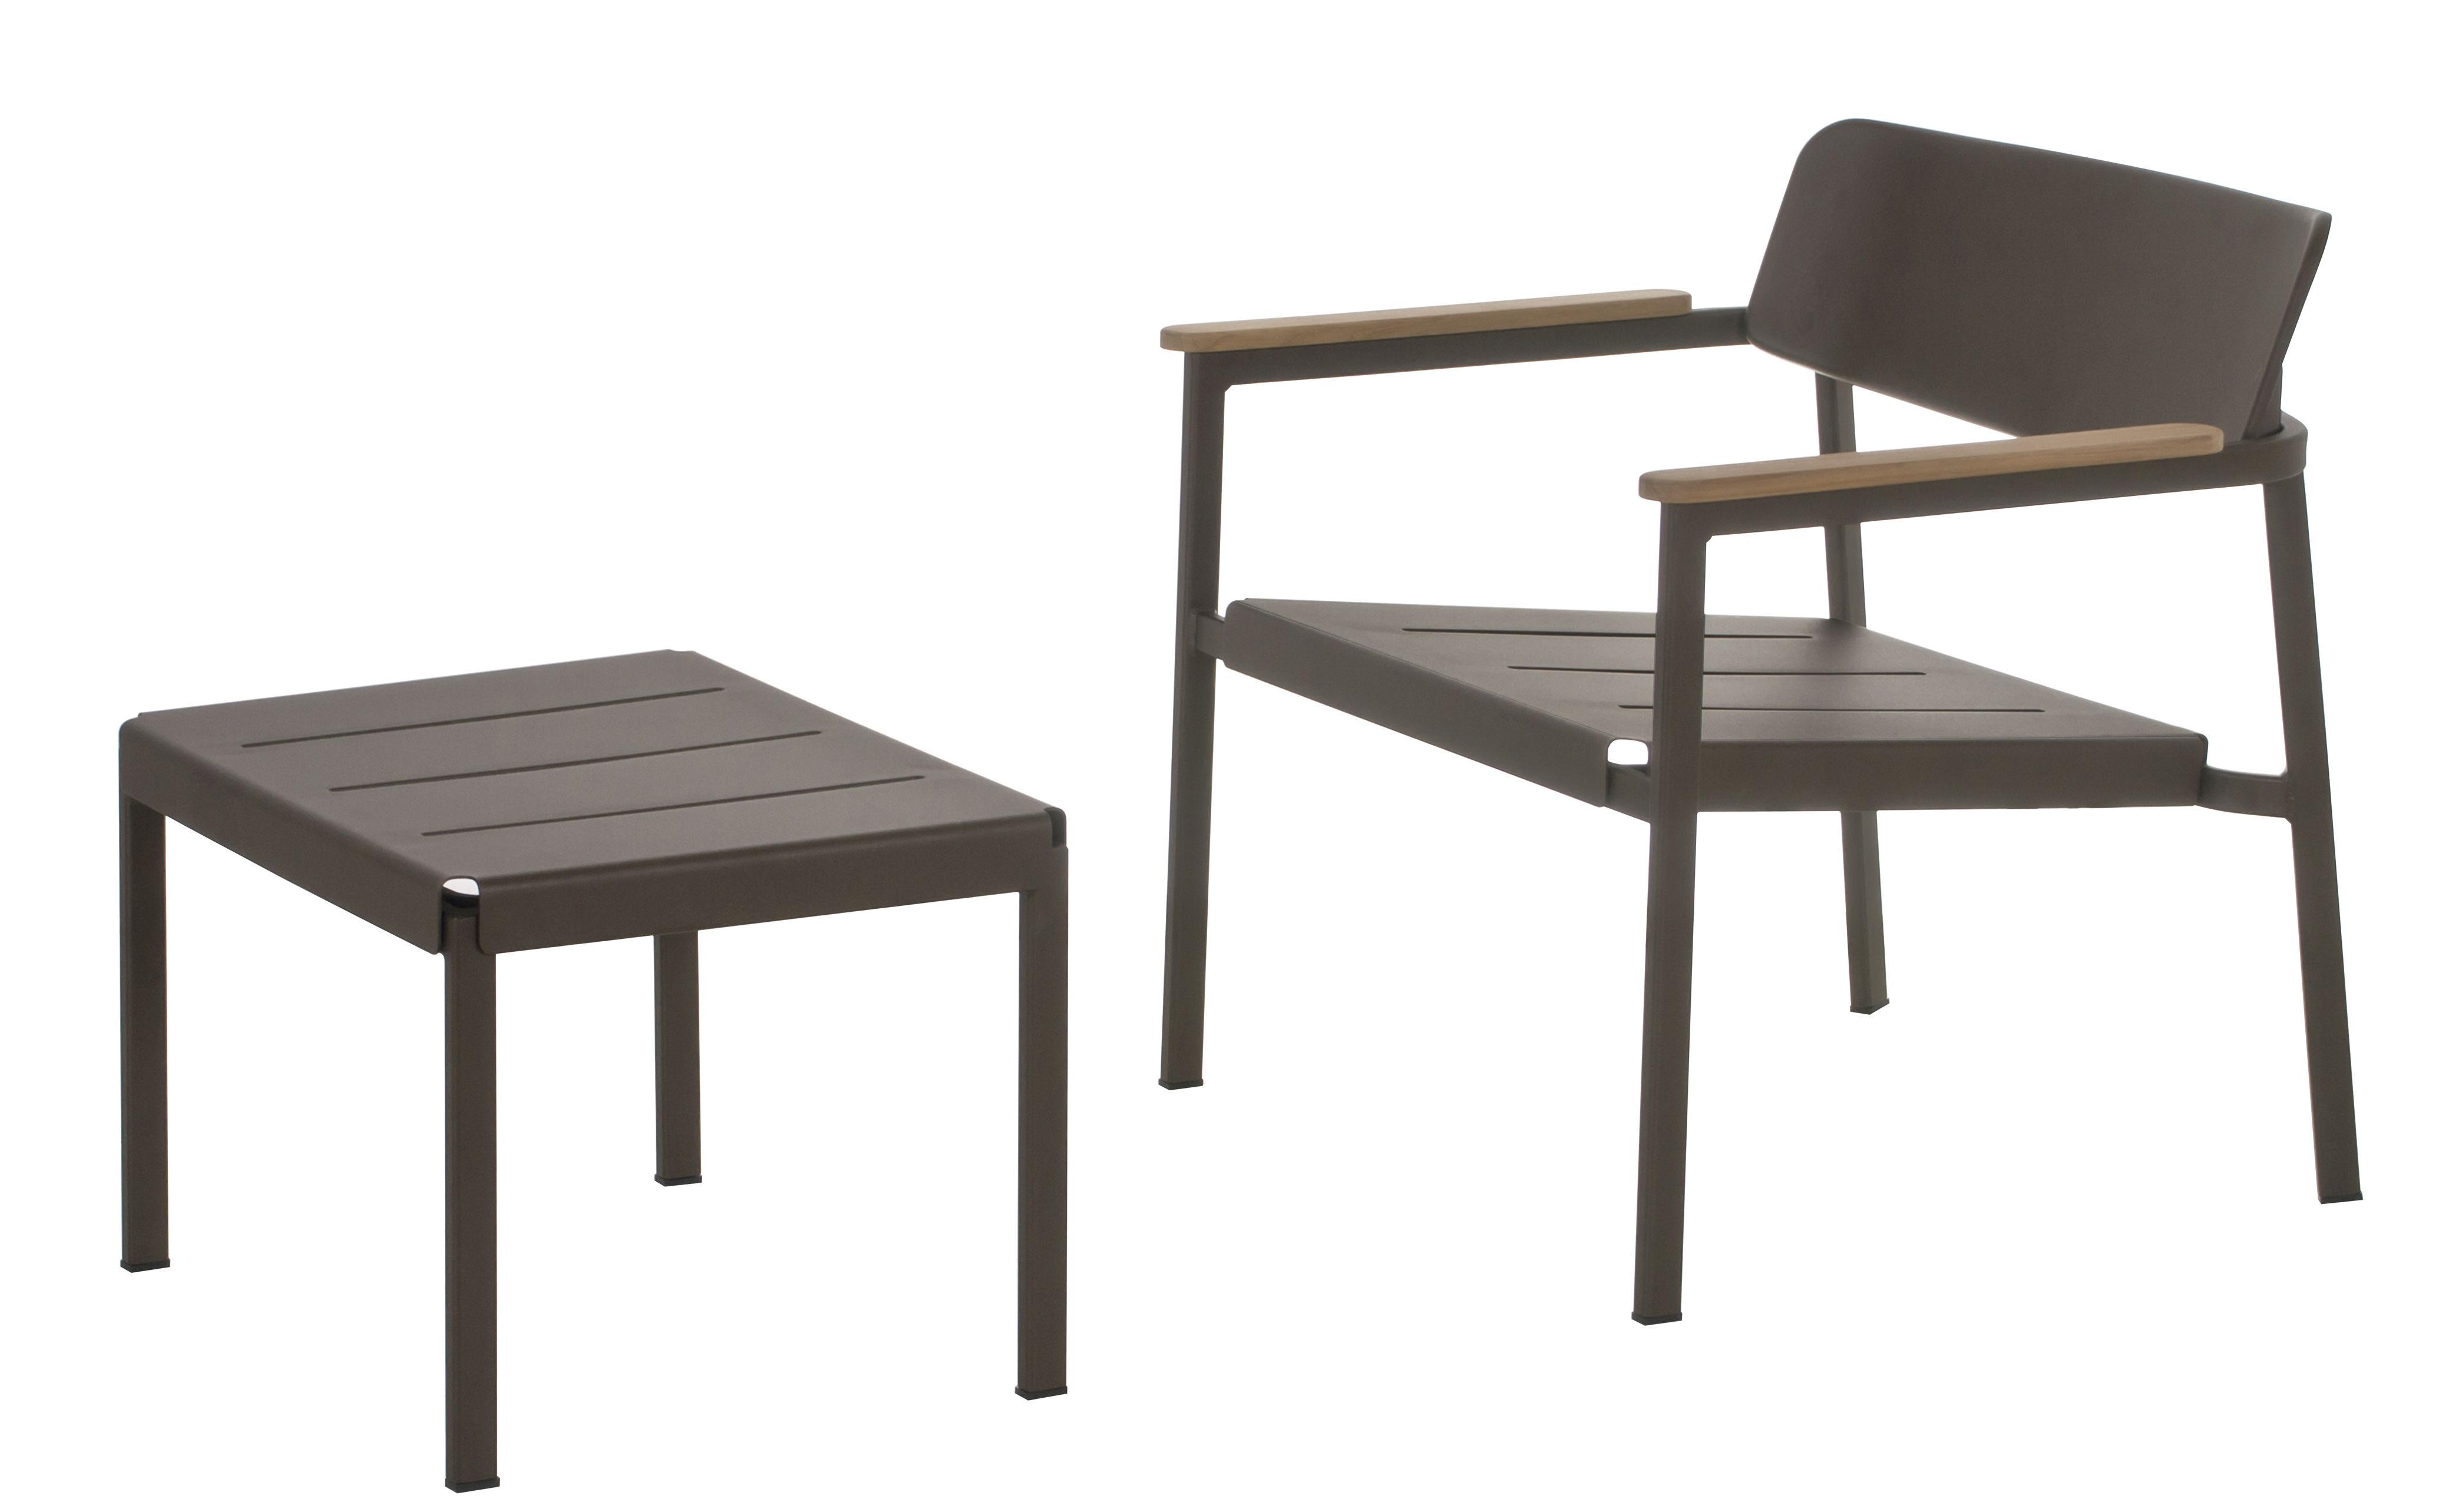 pouf shine table basse 60 x 44 cm jaune moutarde emu. Black Bedroom Furniture Sets. Home Design Ideas